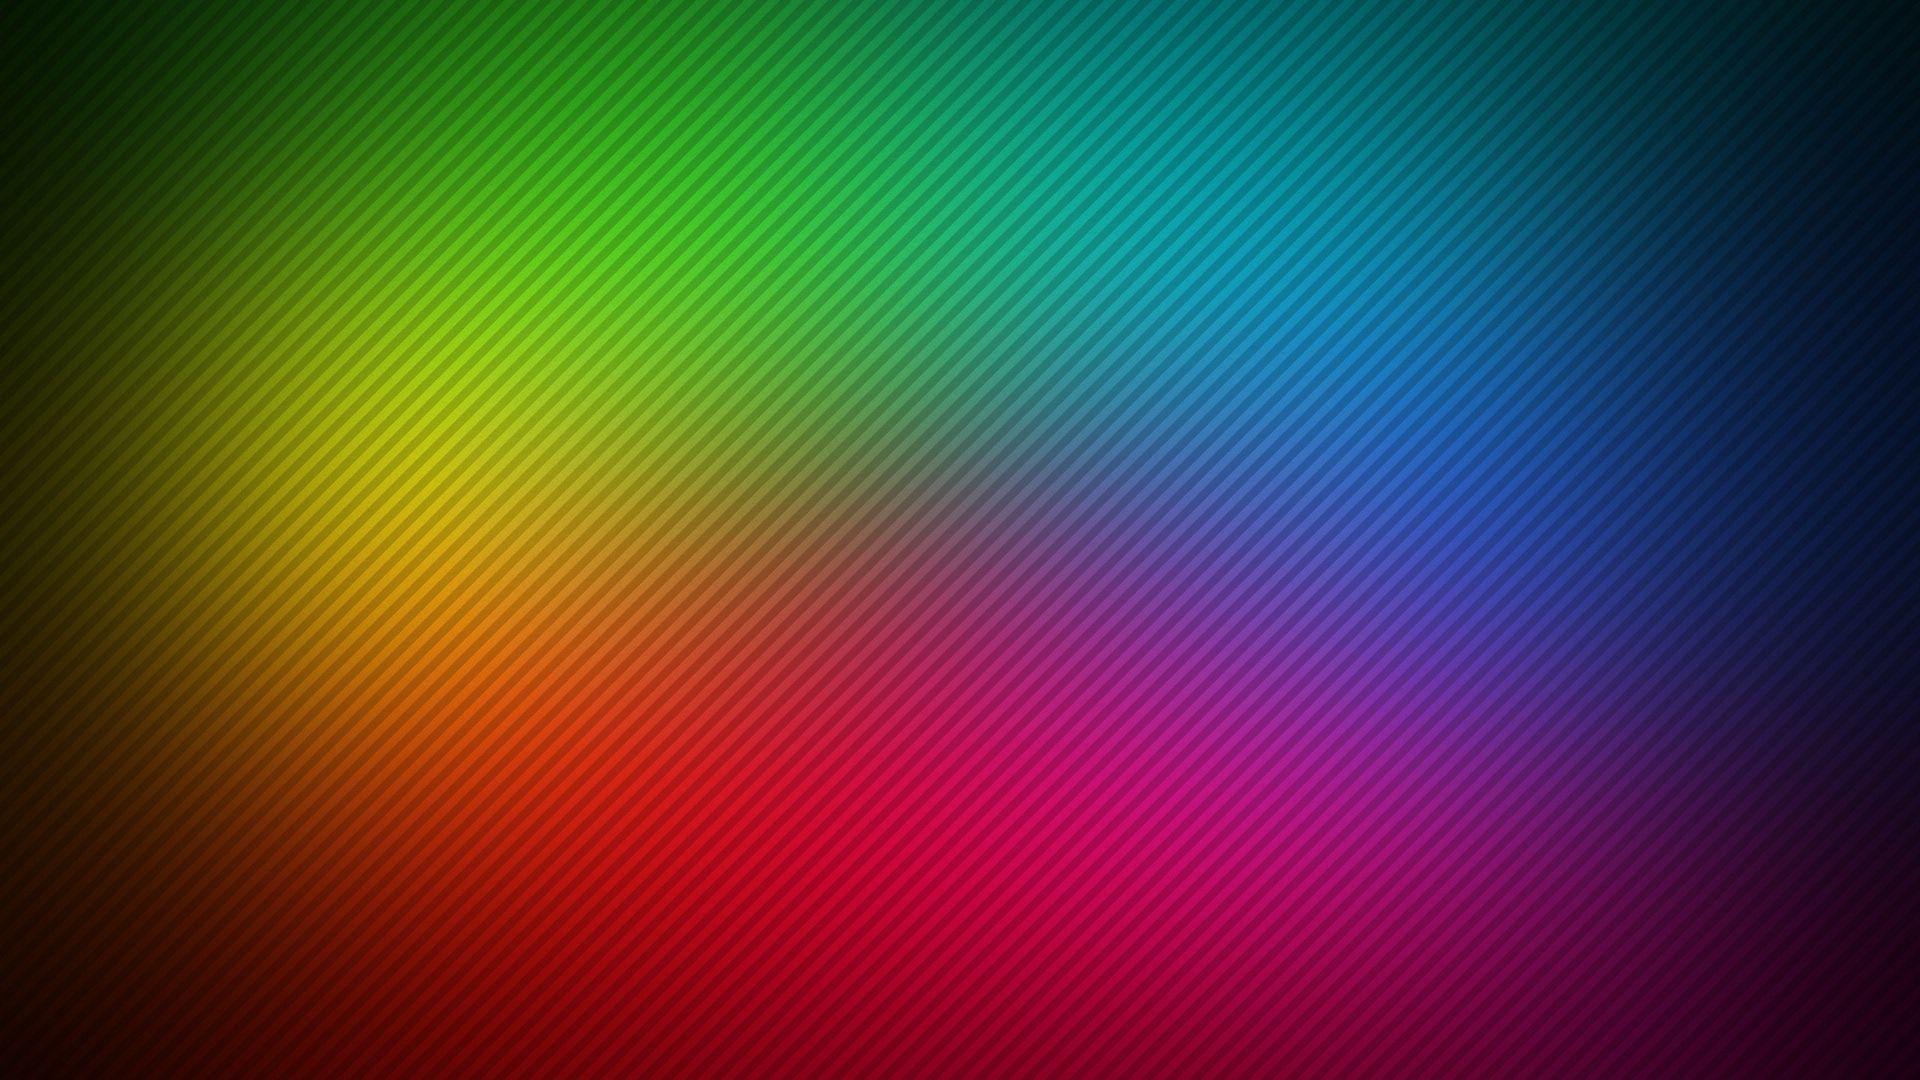 Bright PC Wallpaper HD